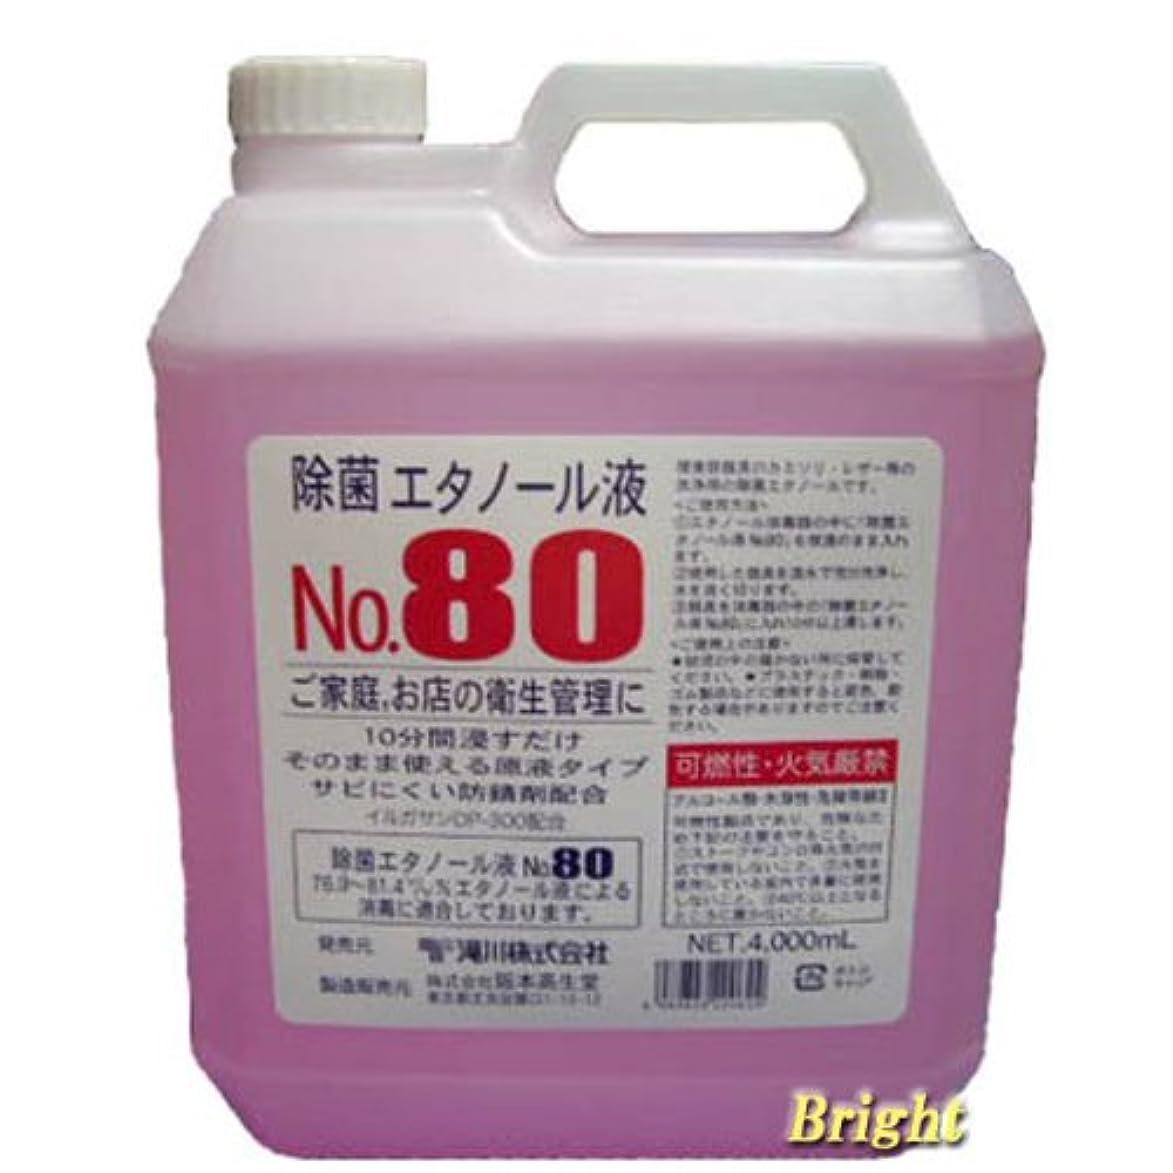 放棄苦しめる陰気除菌エタノール液NO.80 4000ml